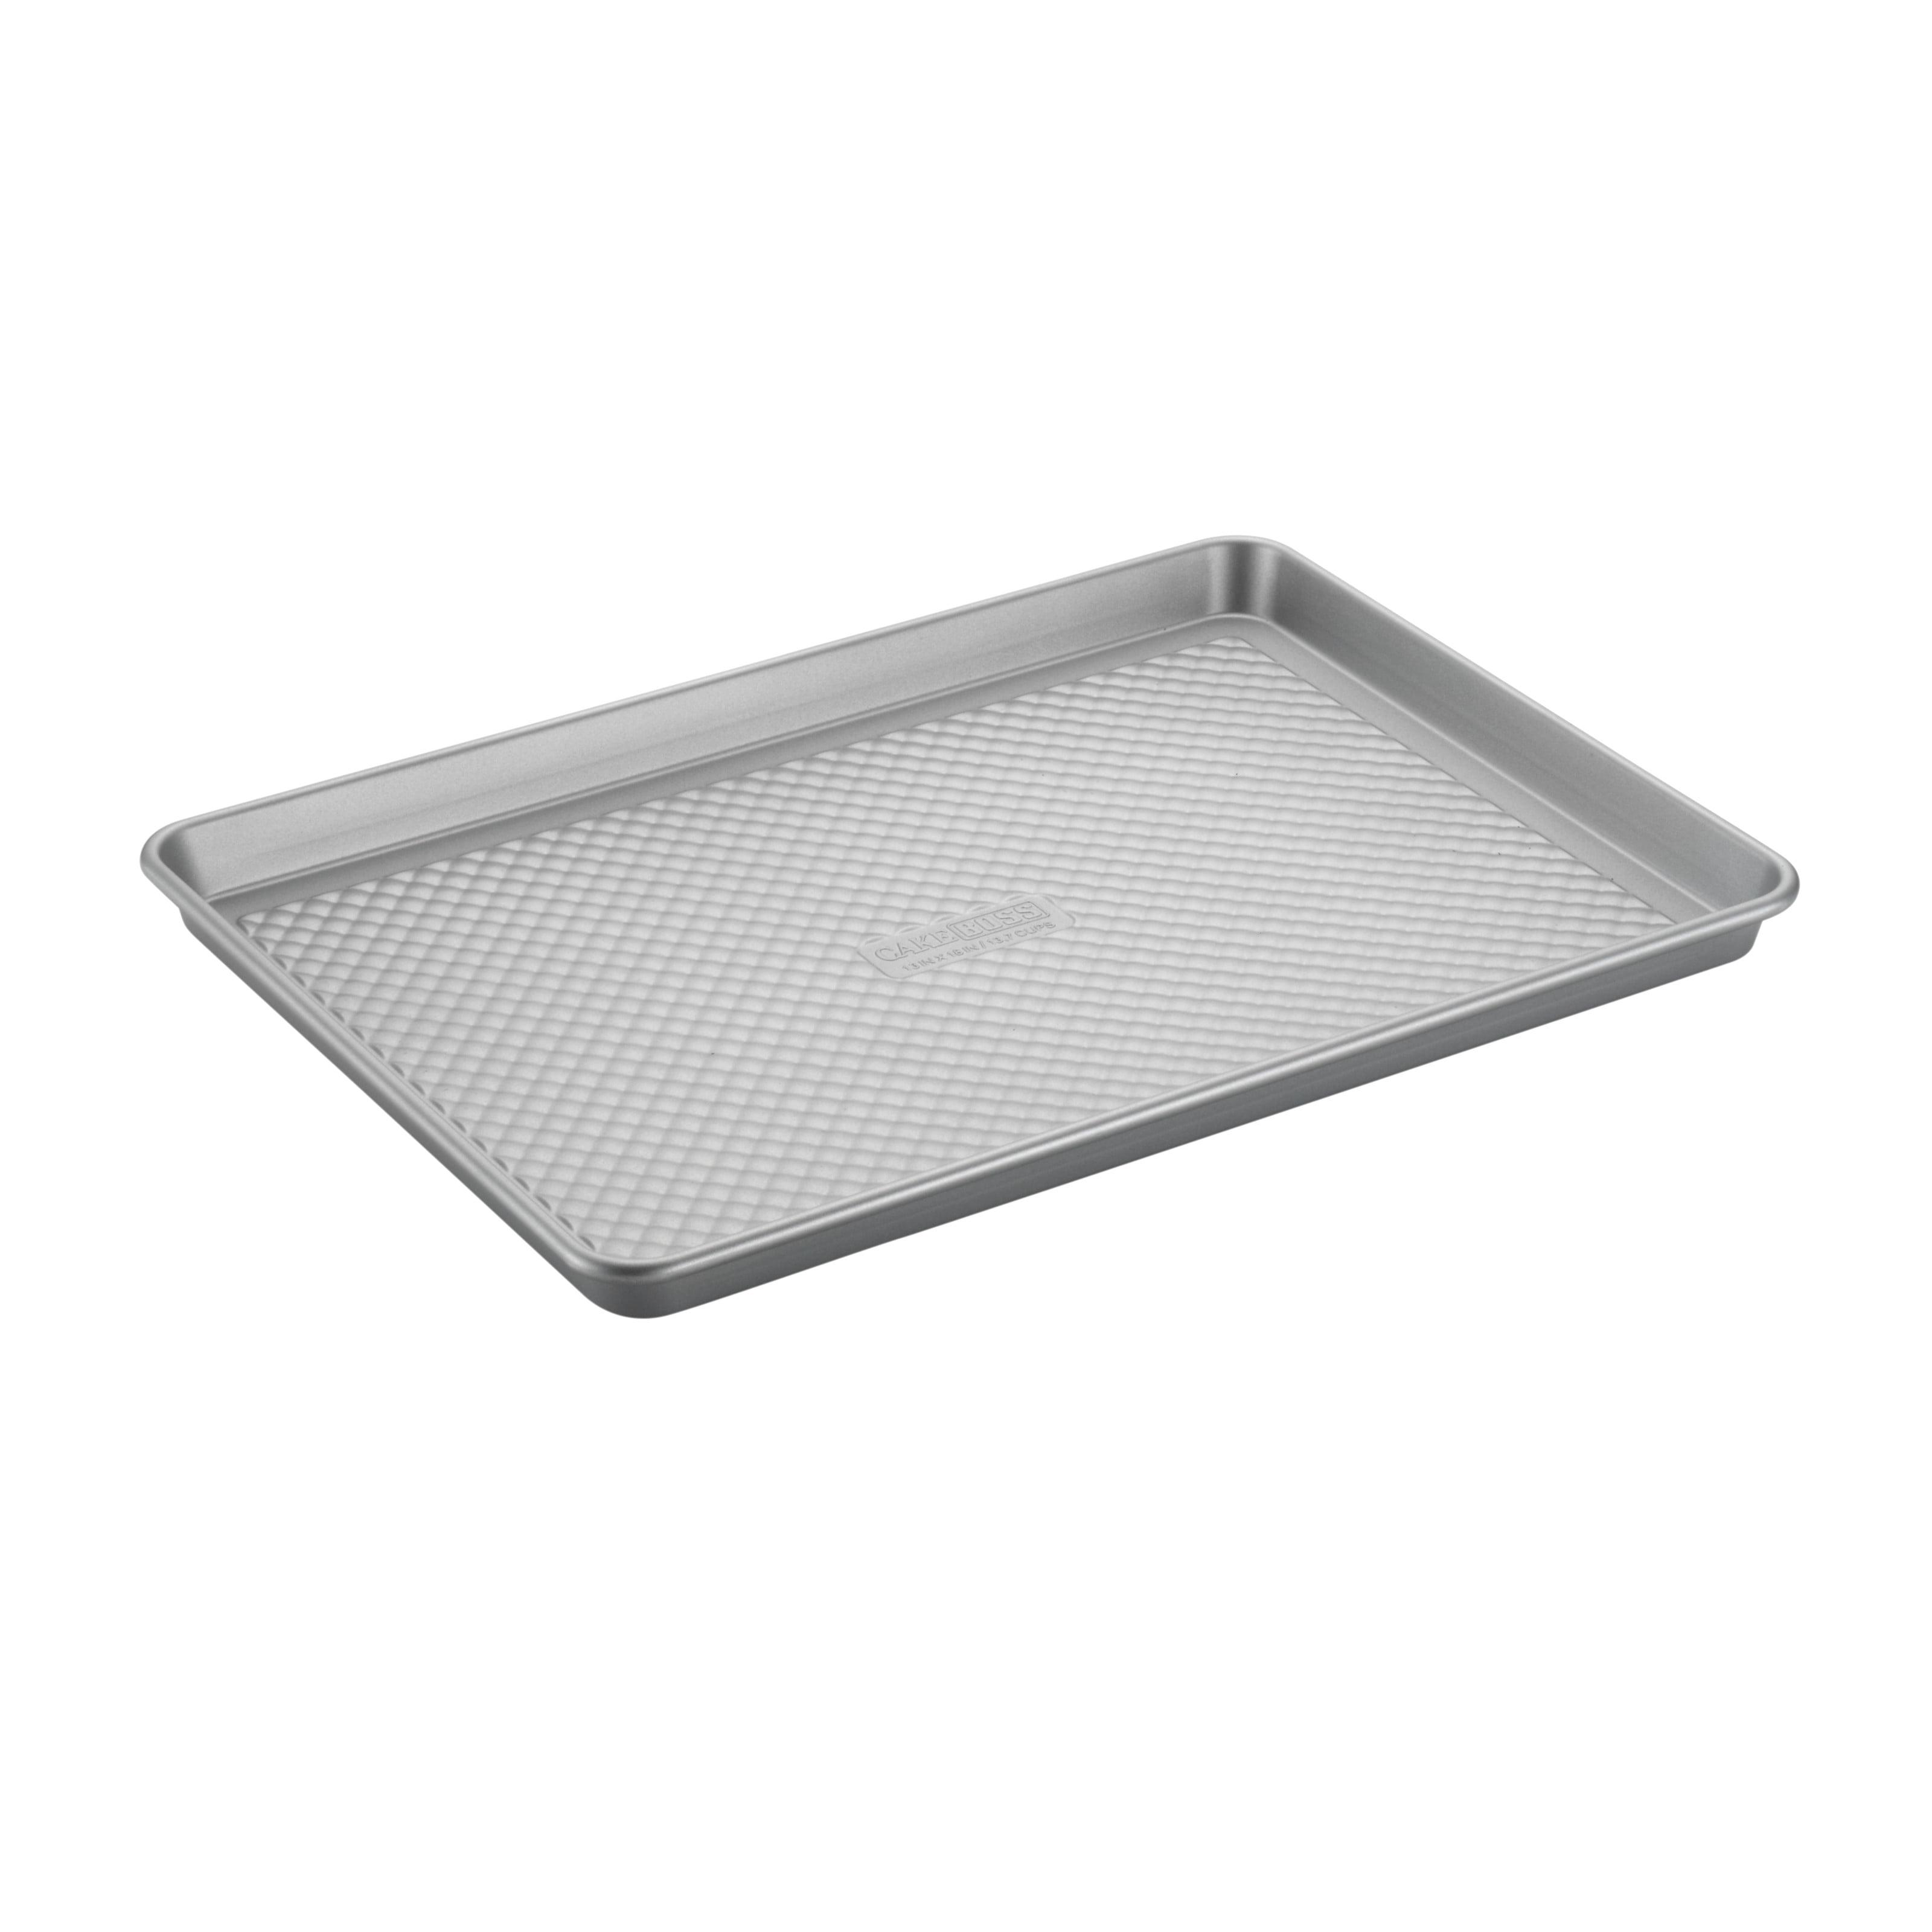 24 Inch Baking Sheet Disposable Aluminum Foil Pans